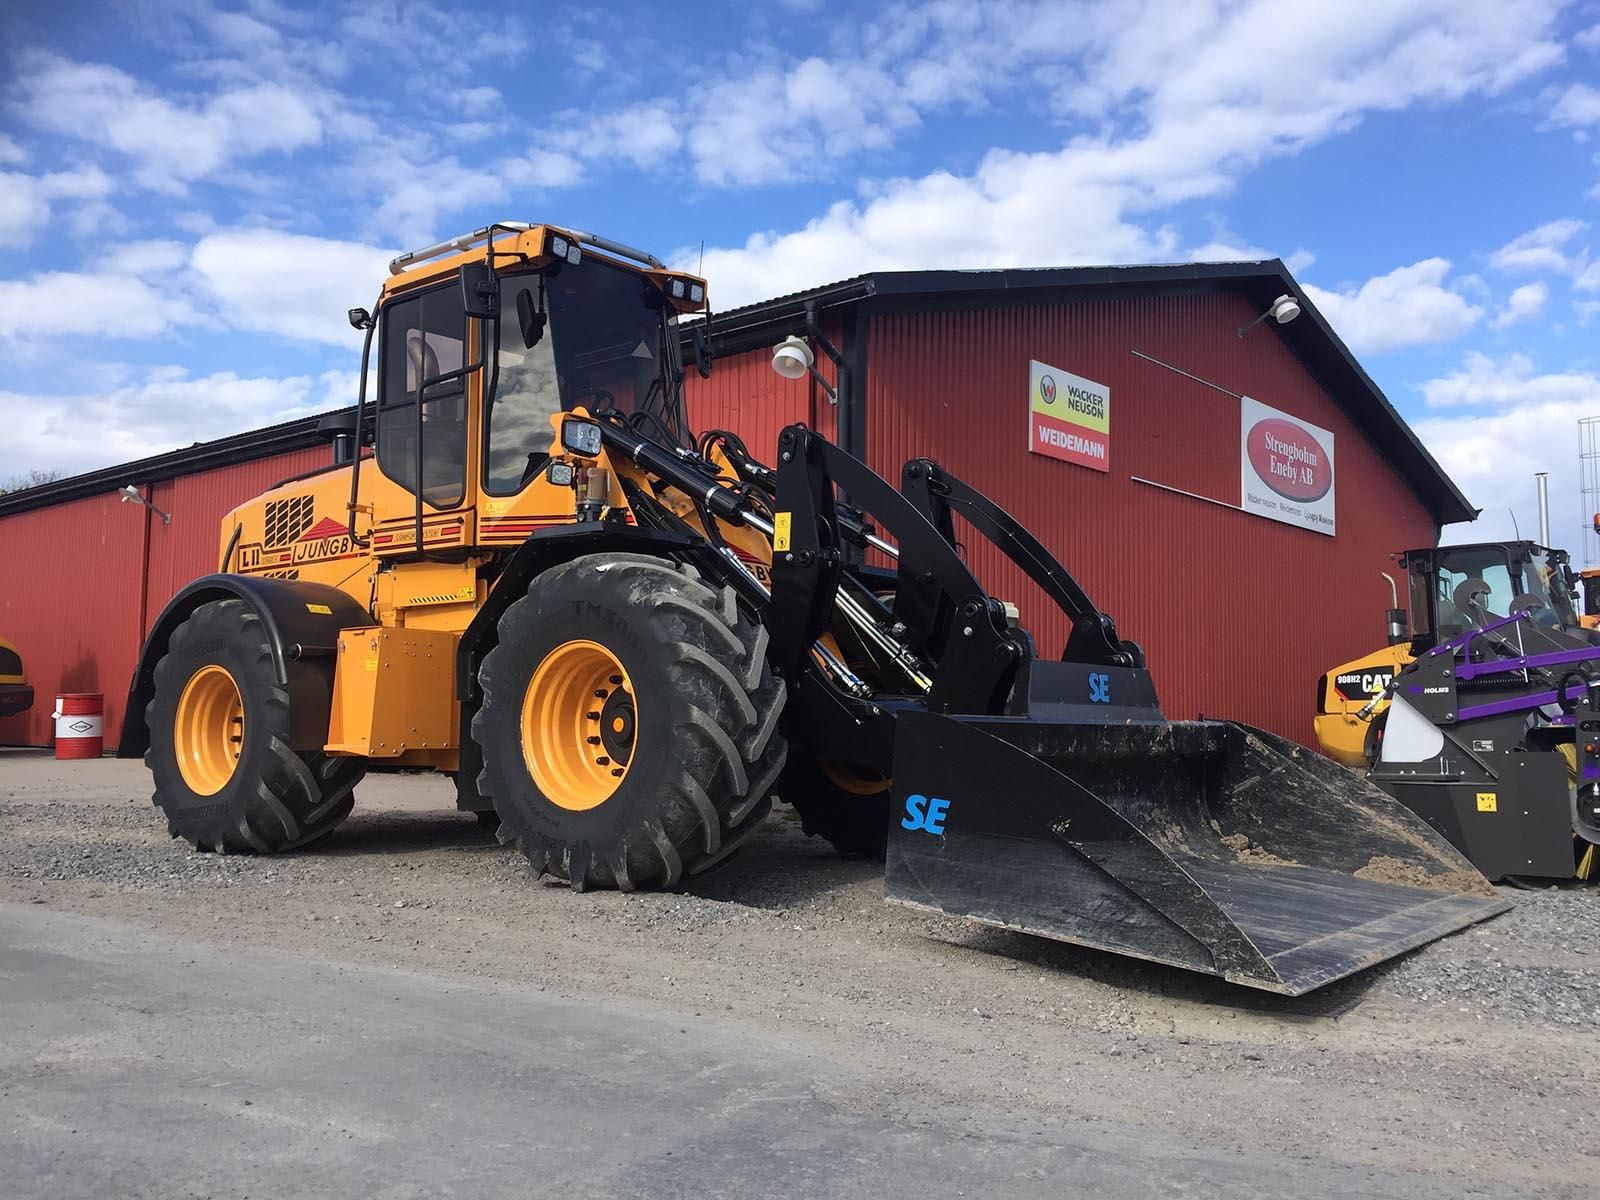 Vi säljer förutom grävmaskin i Södermanland även hjullastare och andra entreprenadmaskiner.